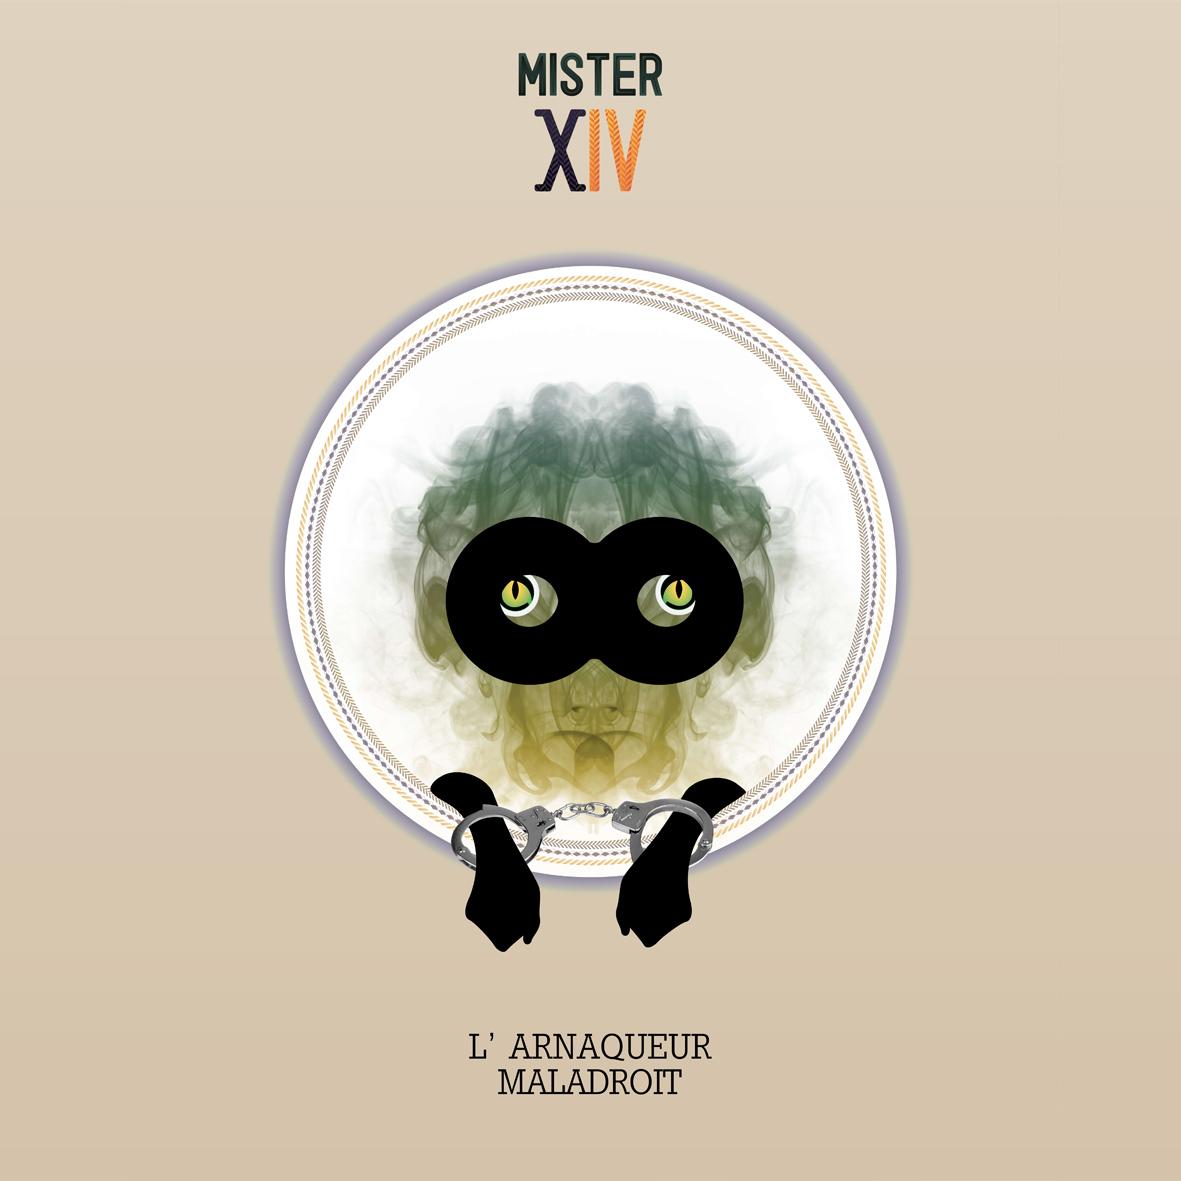 Mister X V